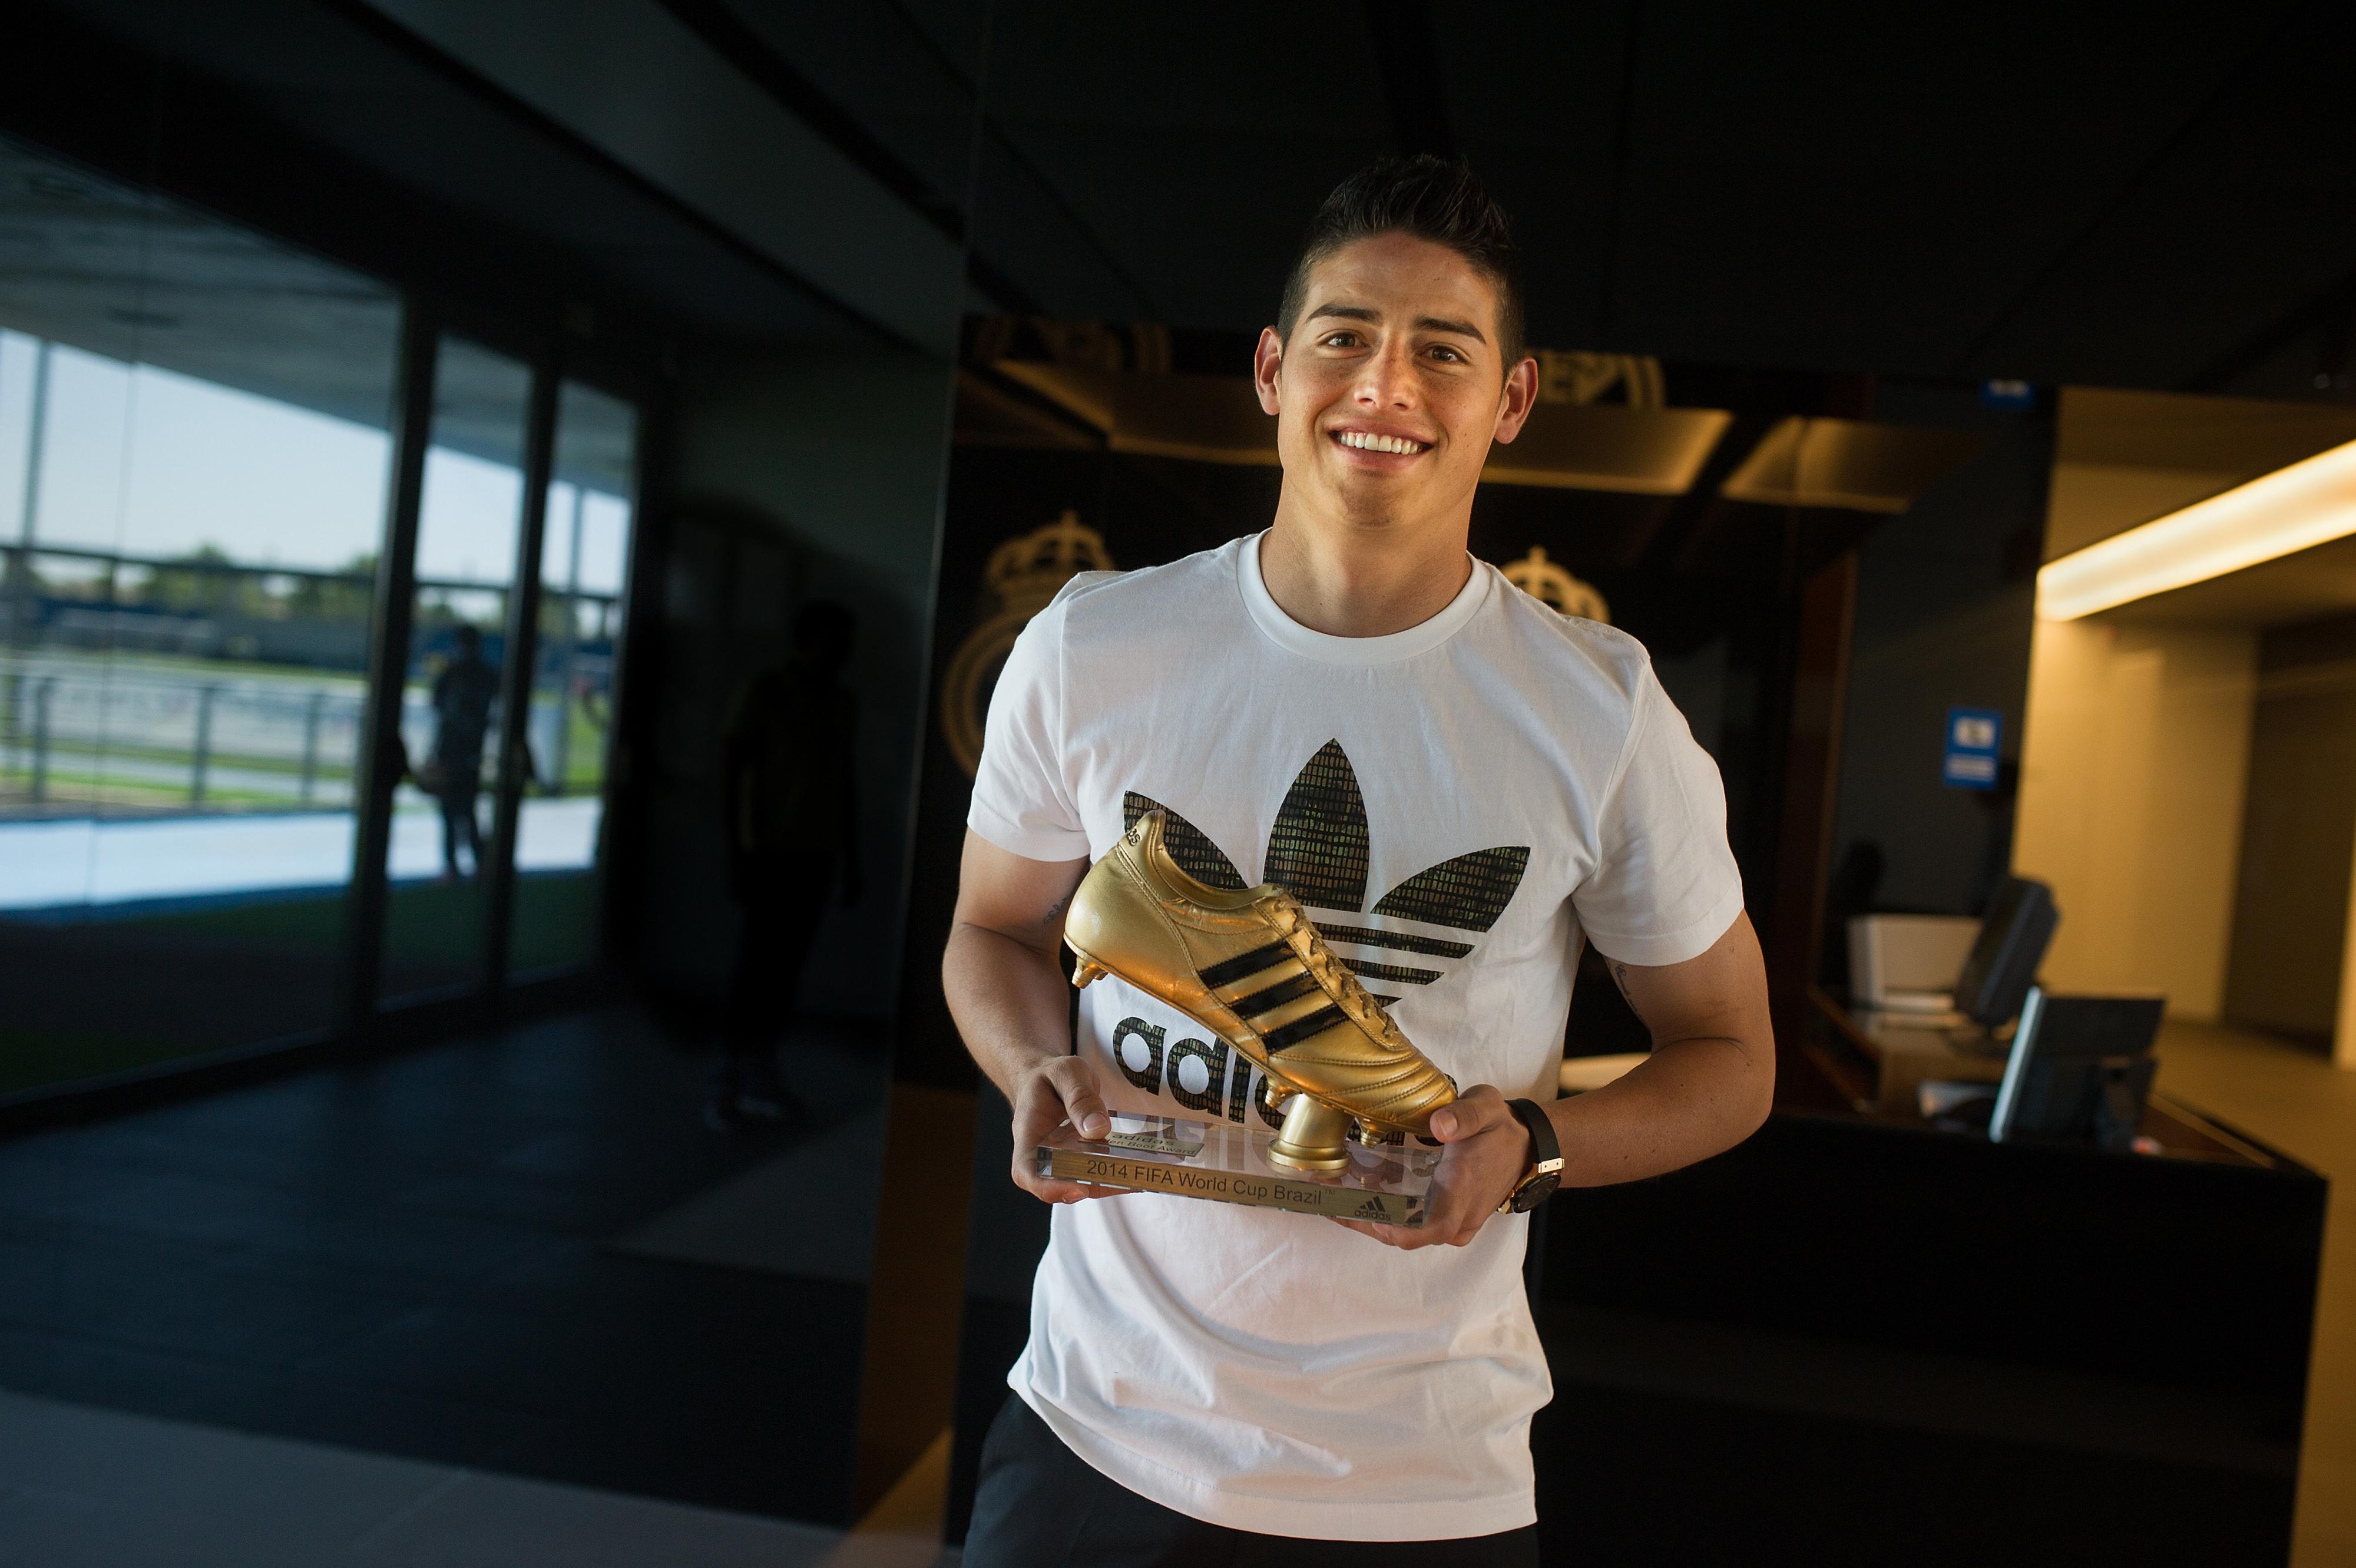 ผลการค้นหารูปภาพสำหรับ world cup golden boot